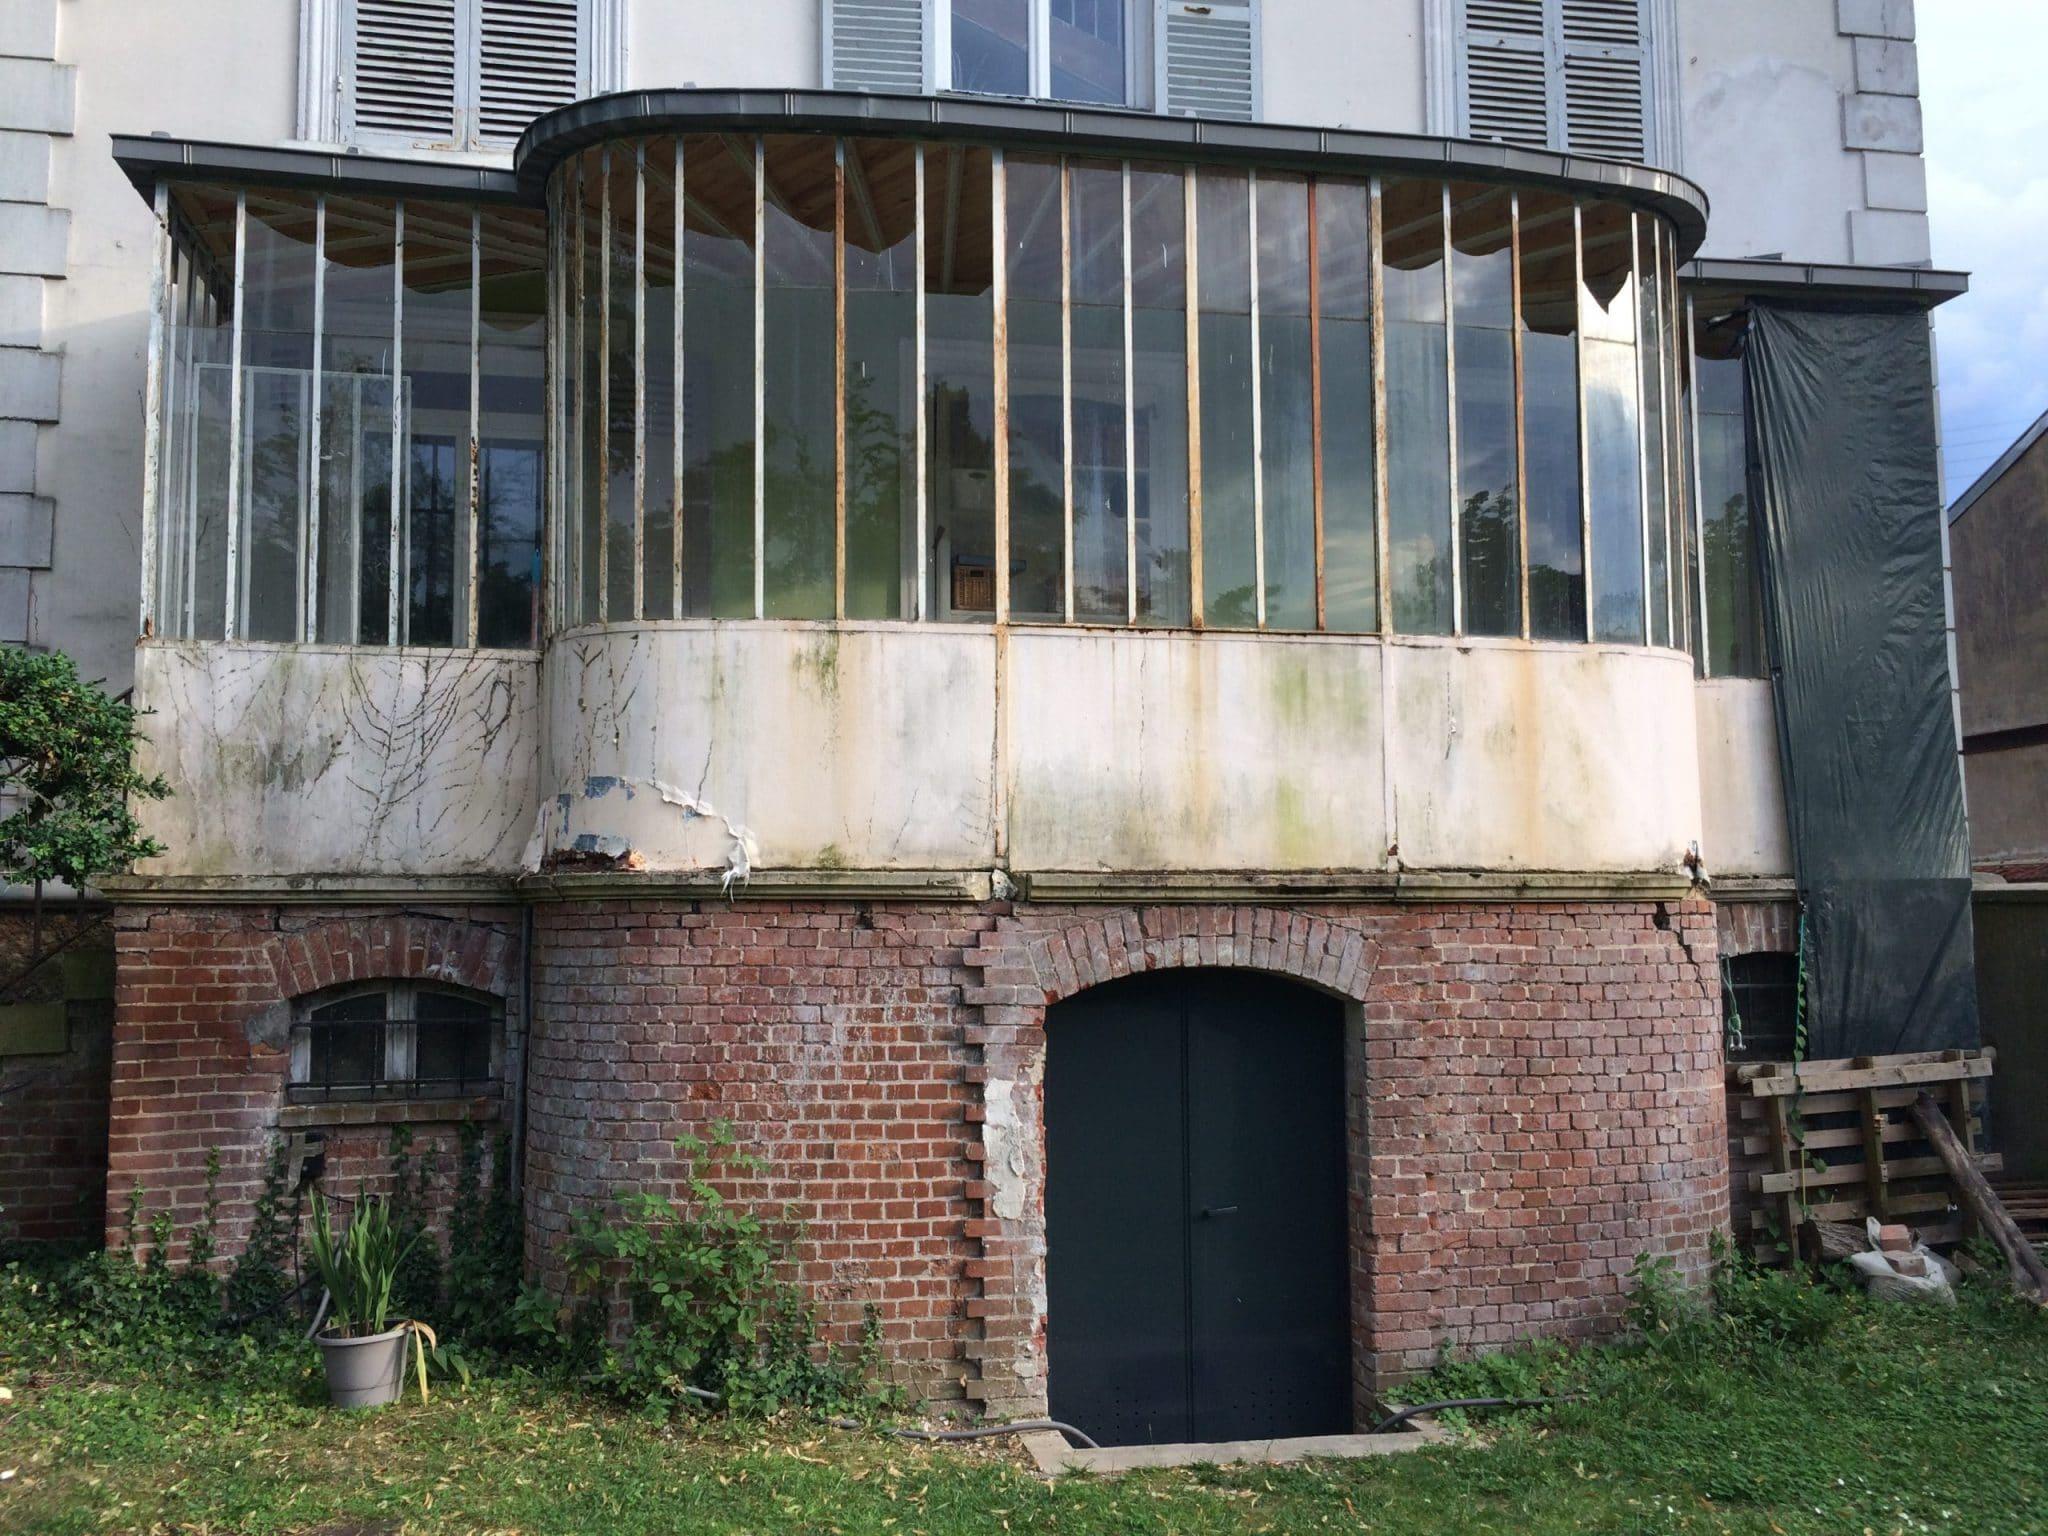 maison bourrellier IMG_4977